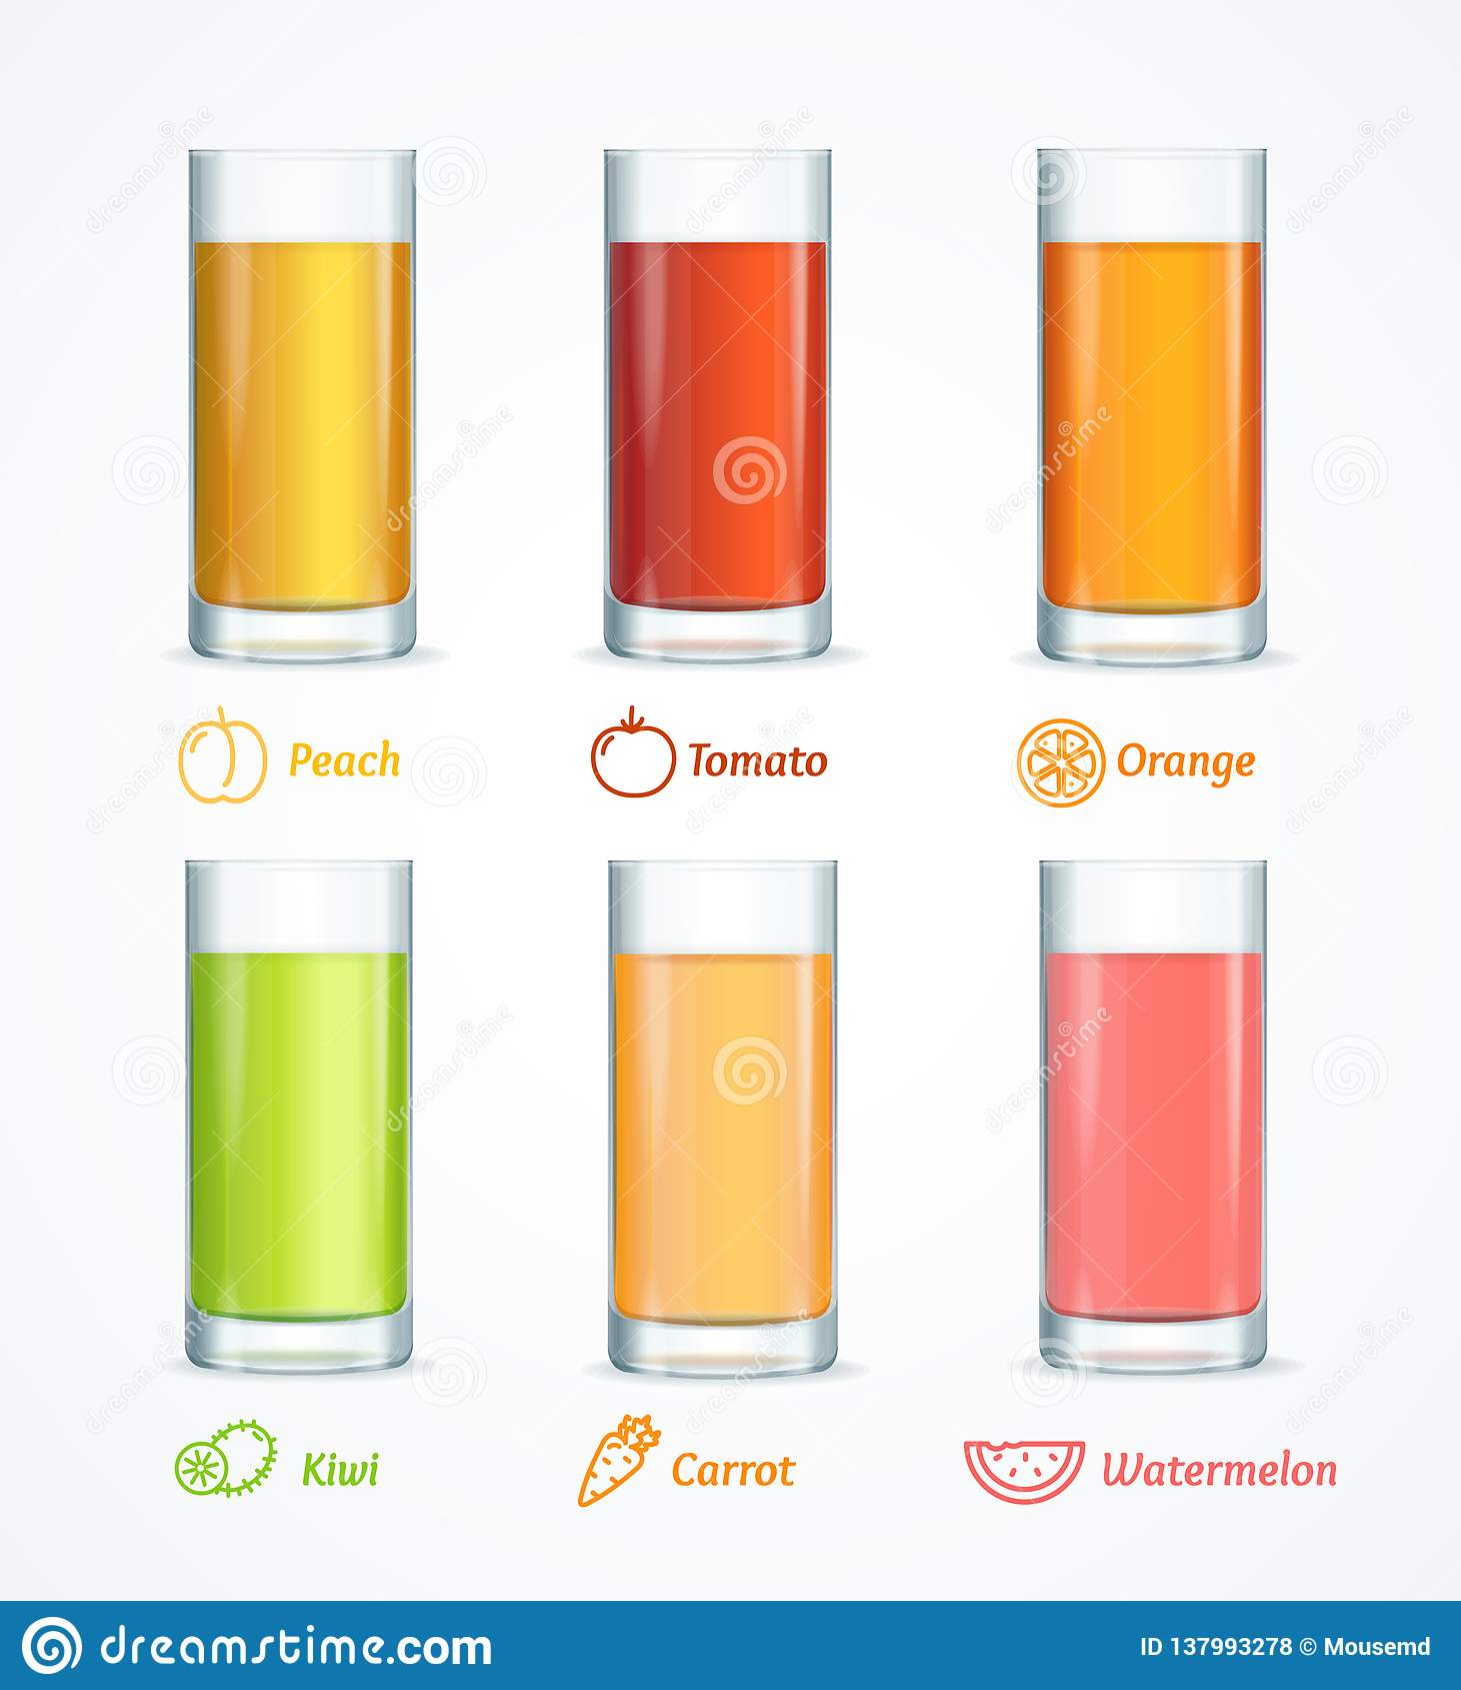 Realistisch Gedetailleerd 3d Verschillend Juice Glass Set Vector